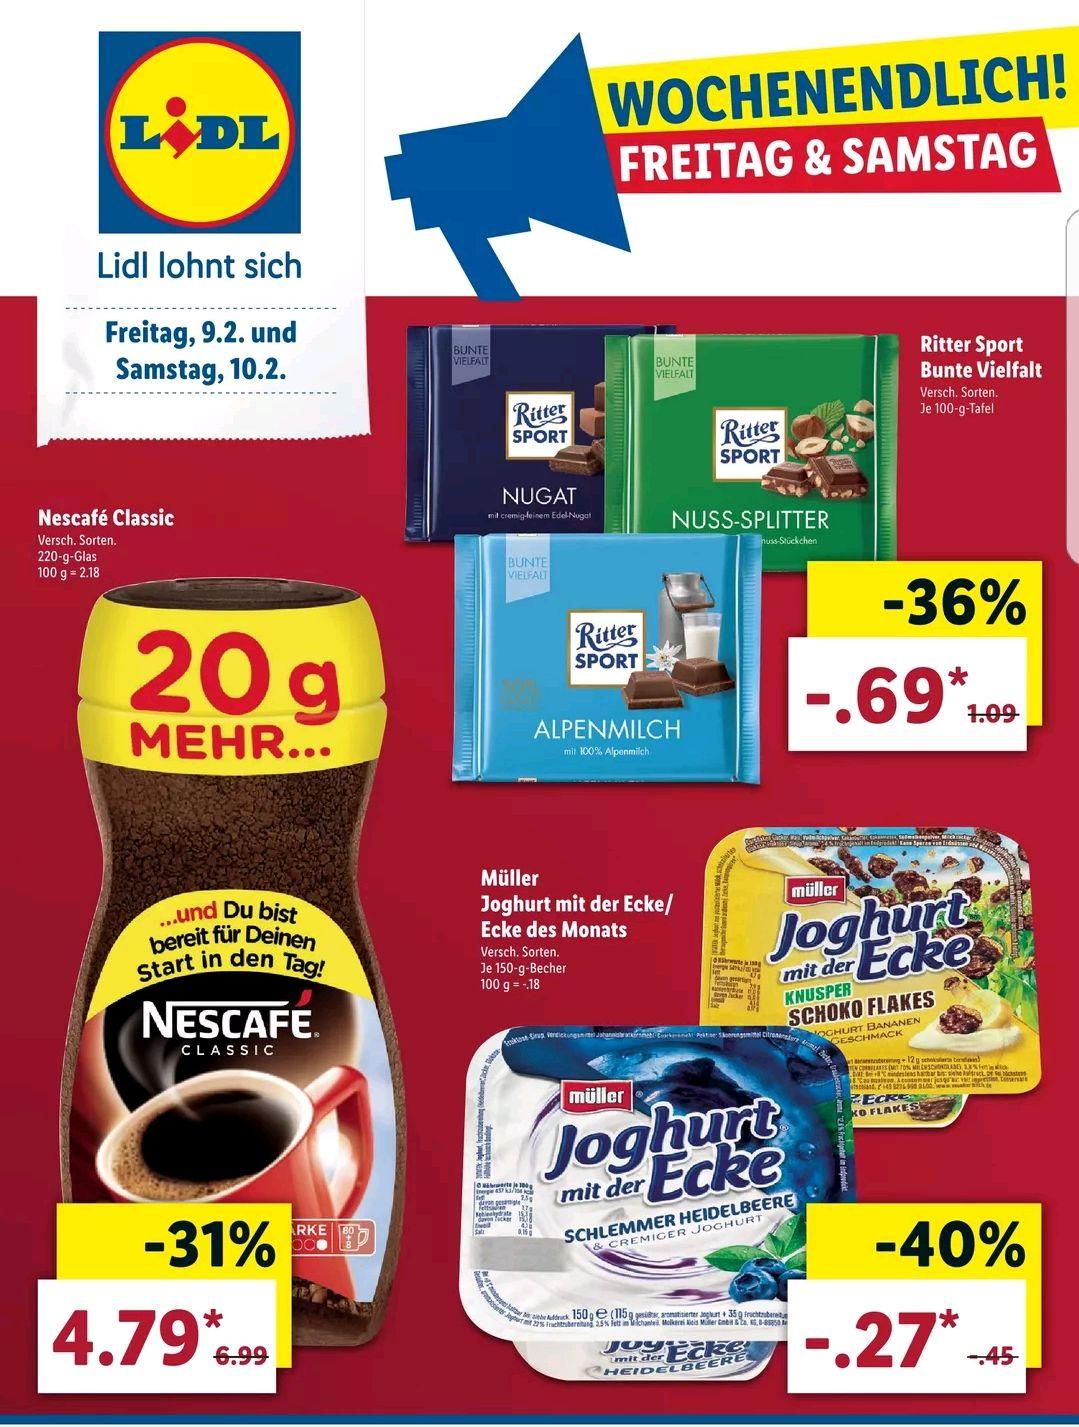 [LIDL] Joghurt mit der Ecke für 0.27€ oder Ritter Sport für 0.69€